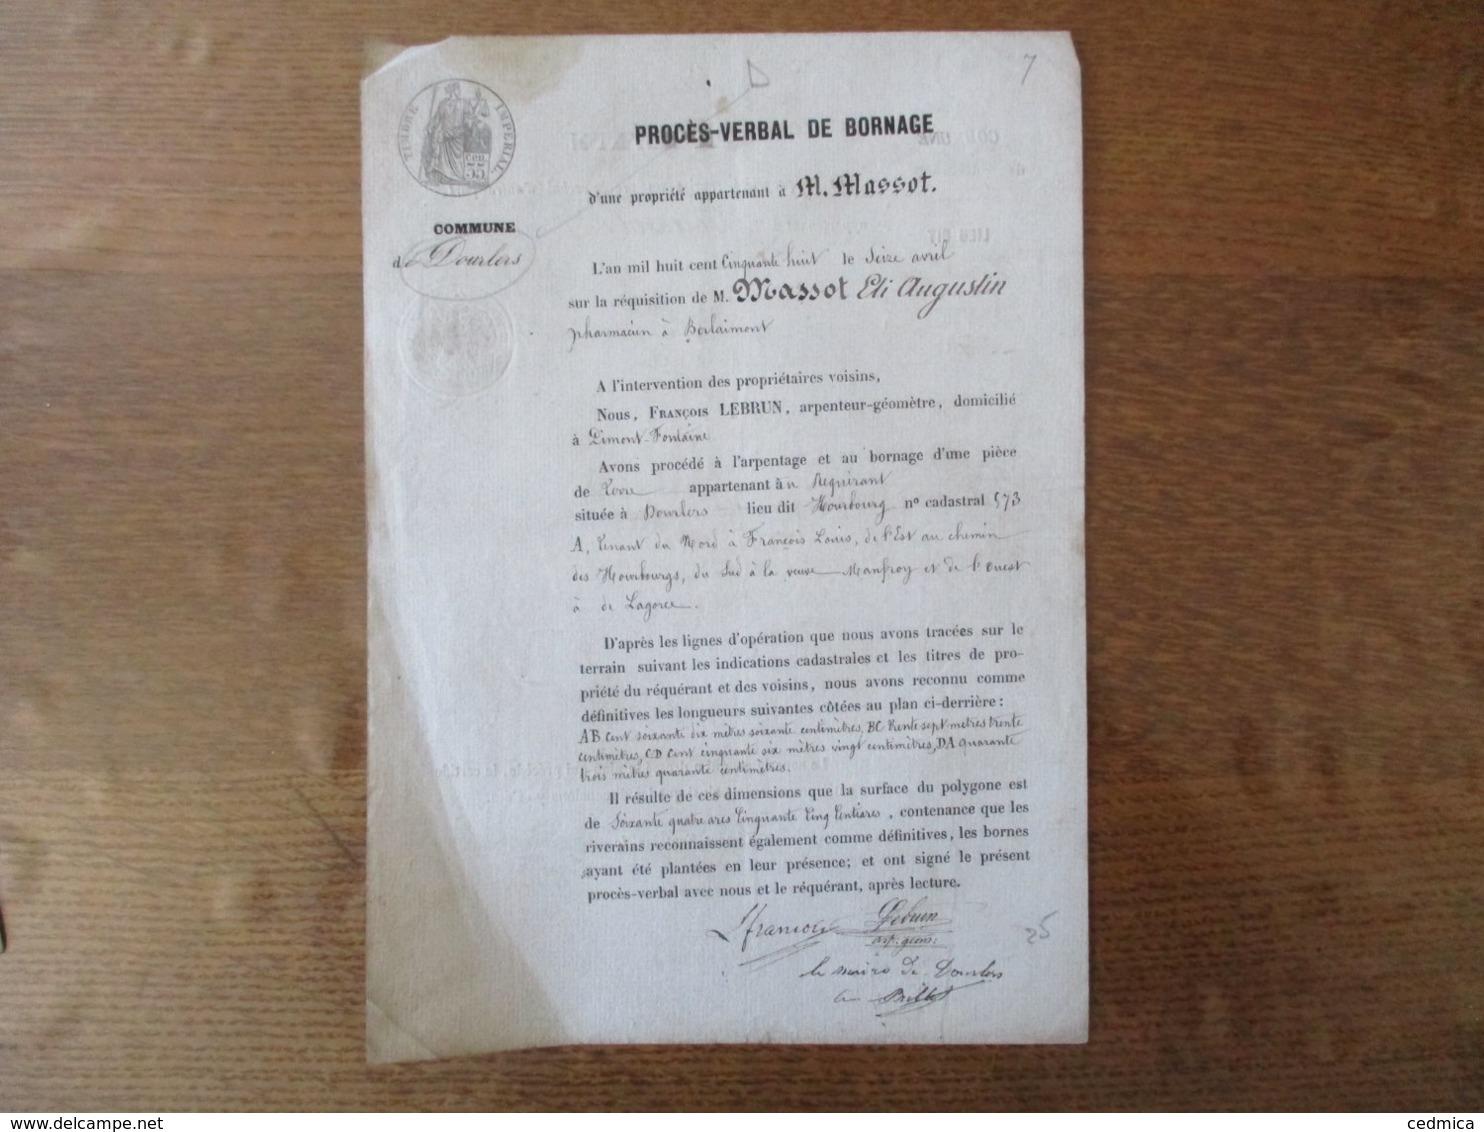 DOURLERS LE 16 AVRIL 1858 ARPENTAGE ET BORNAGE PAR FRANCOIS LEBRUN ARPENTEUR GEOMETRE REQUISITION M. MASSOT PHARMACIEN A - Documents Historiques